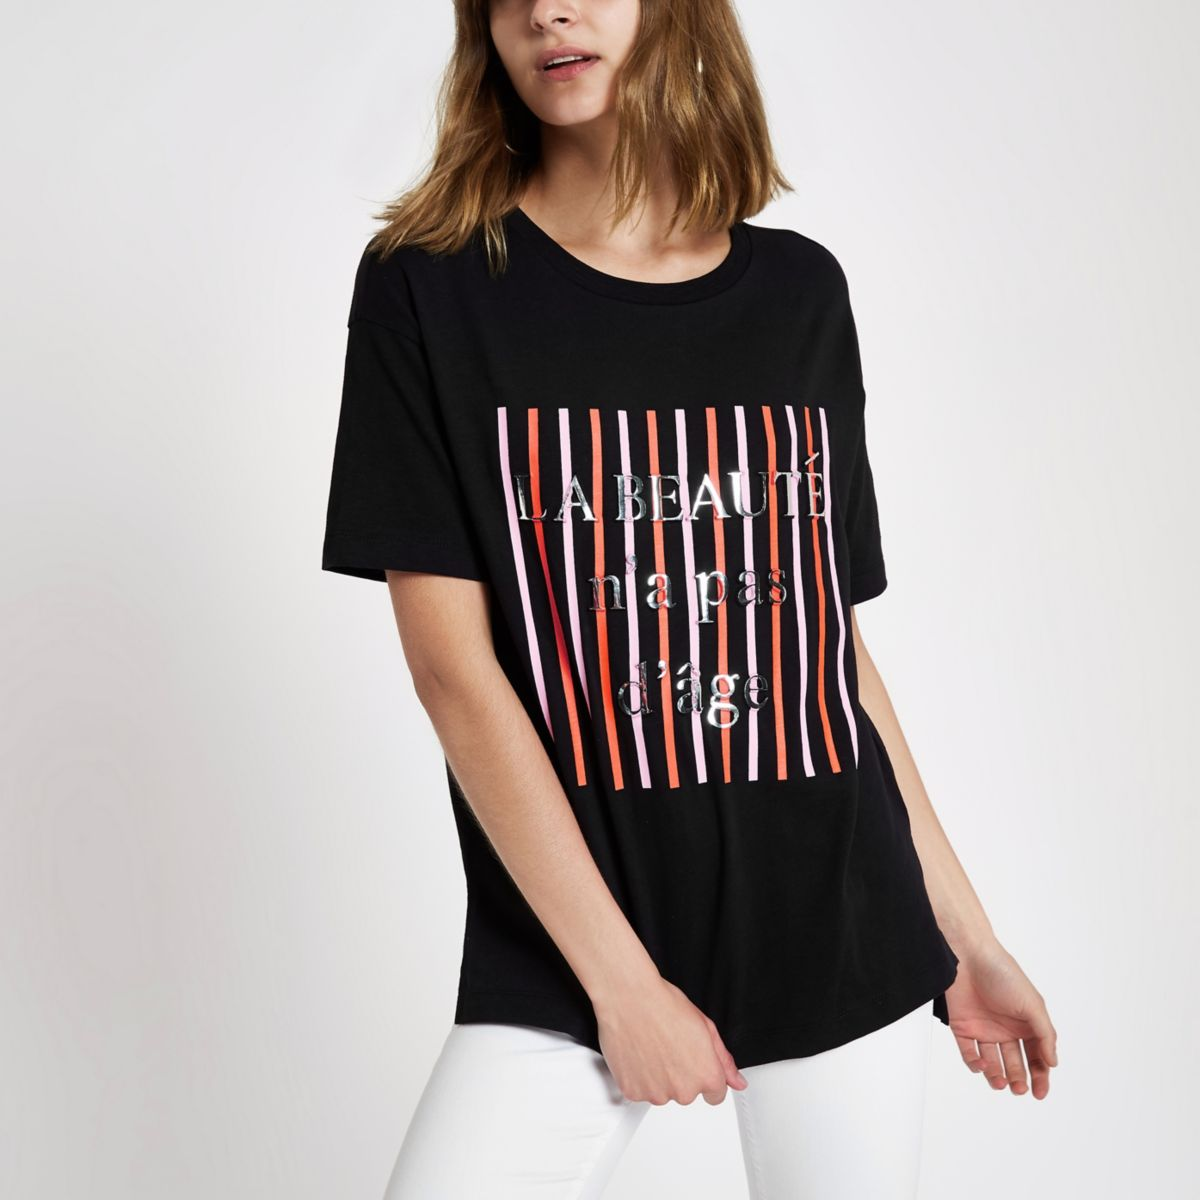 Zwart gestreept T-shirt met 'La beaute'-print